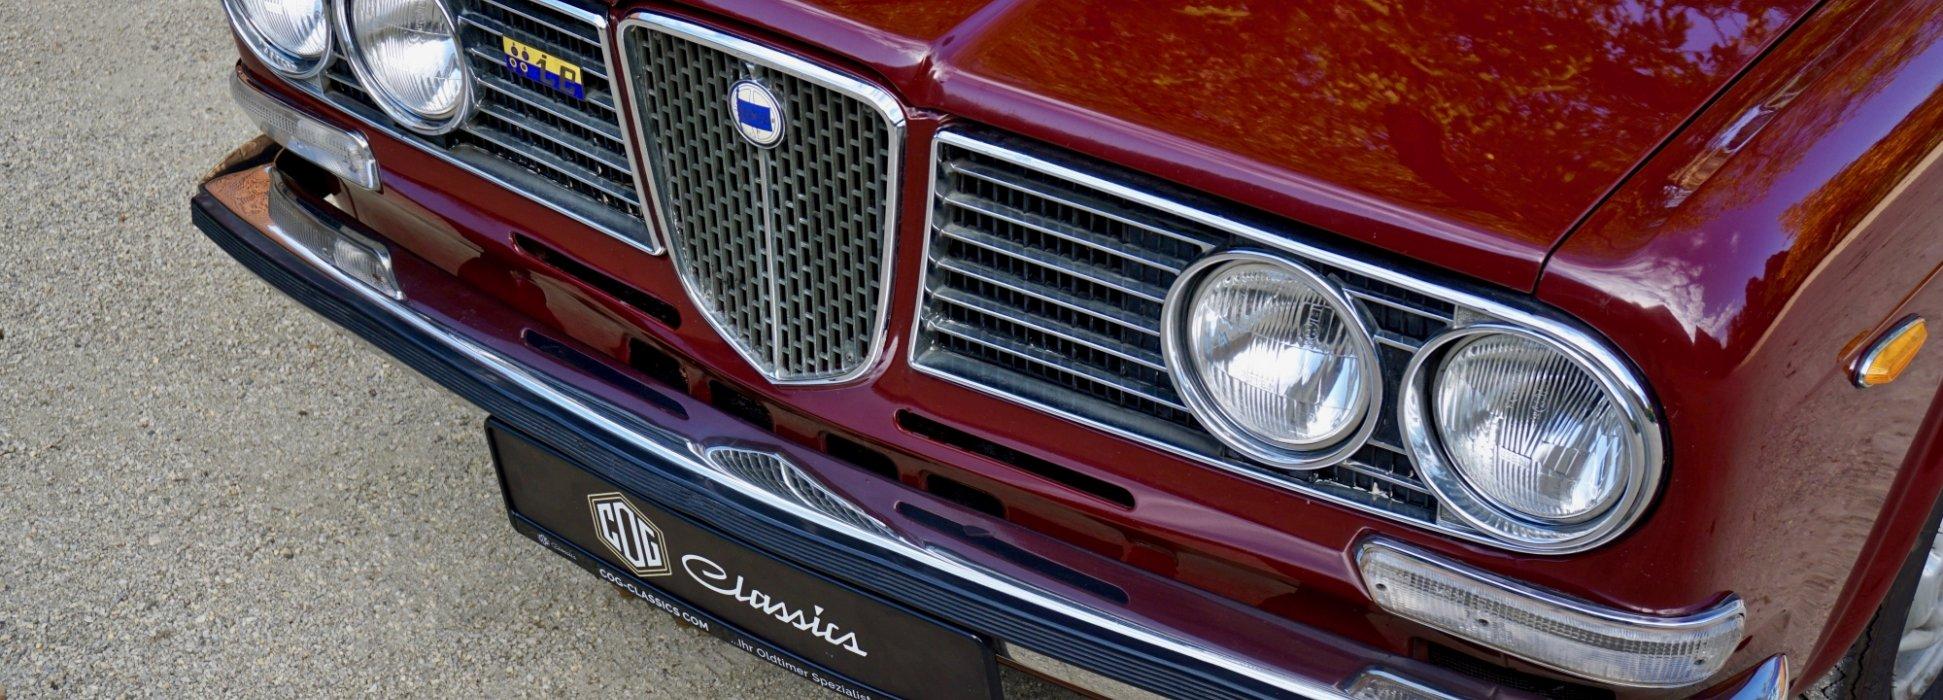 Lancia 2000 I.E. Berlina 1